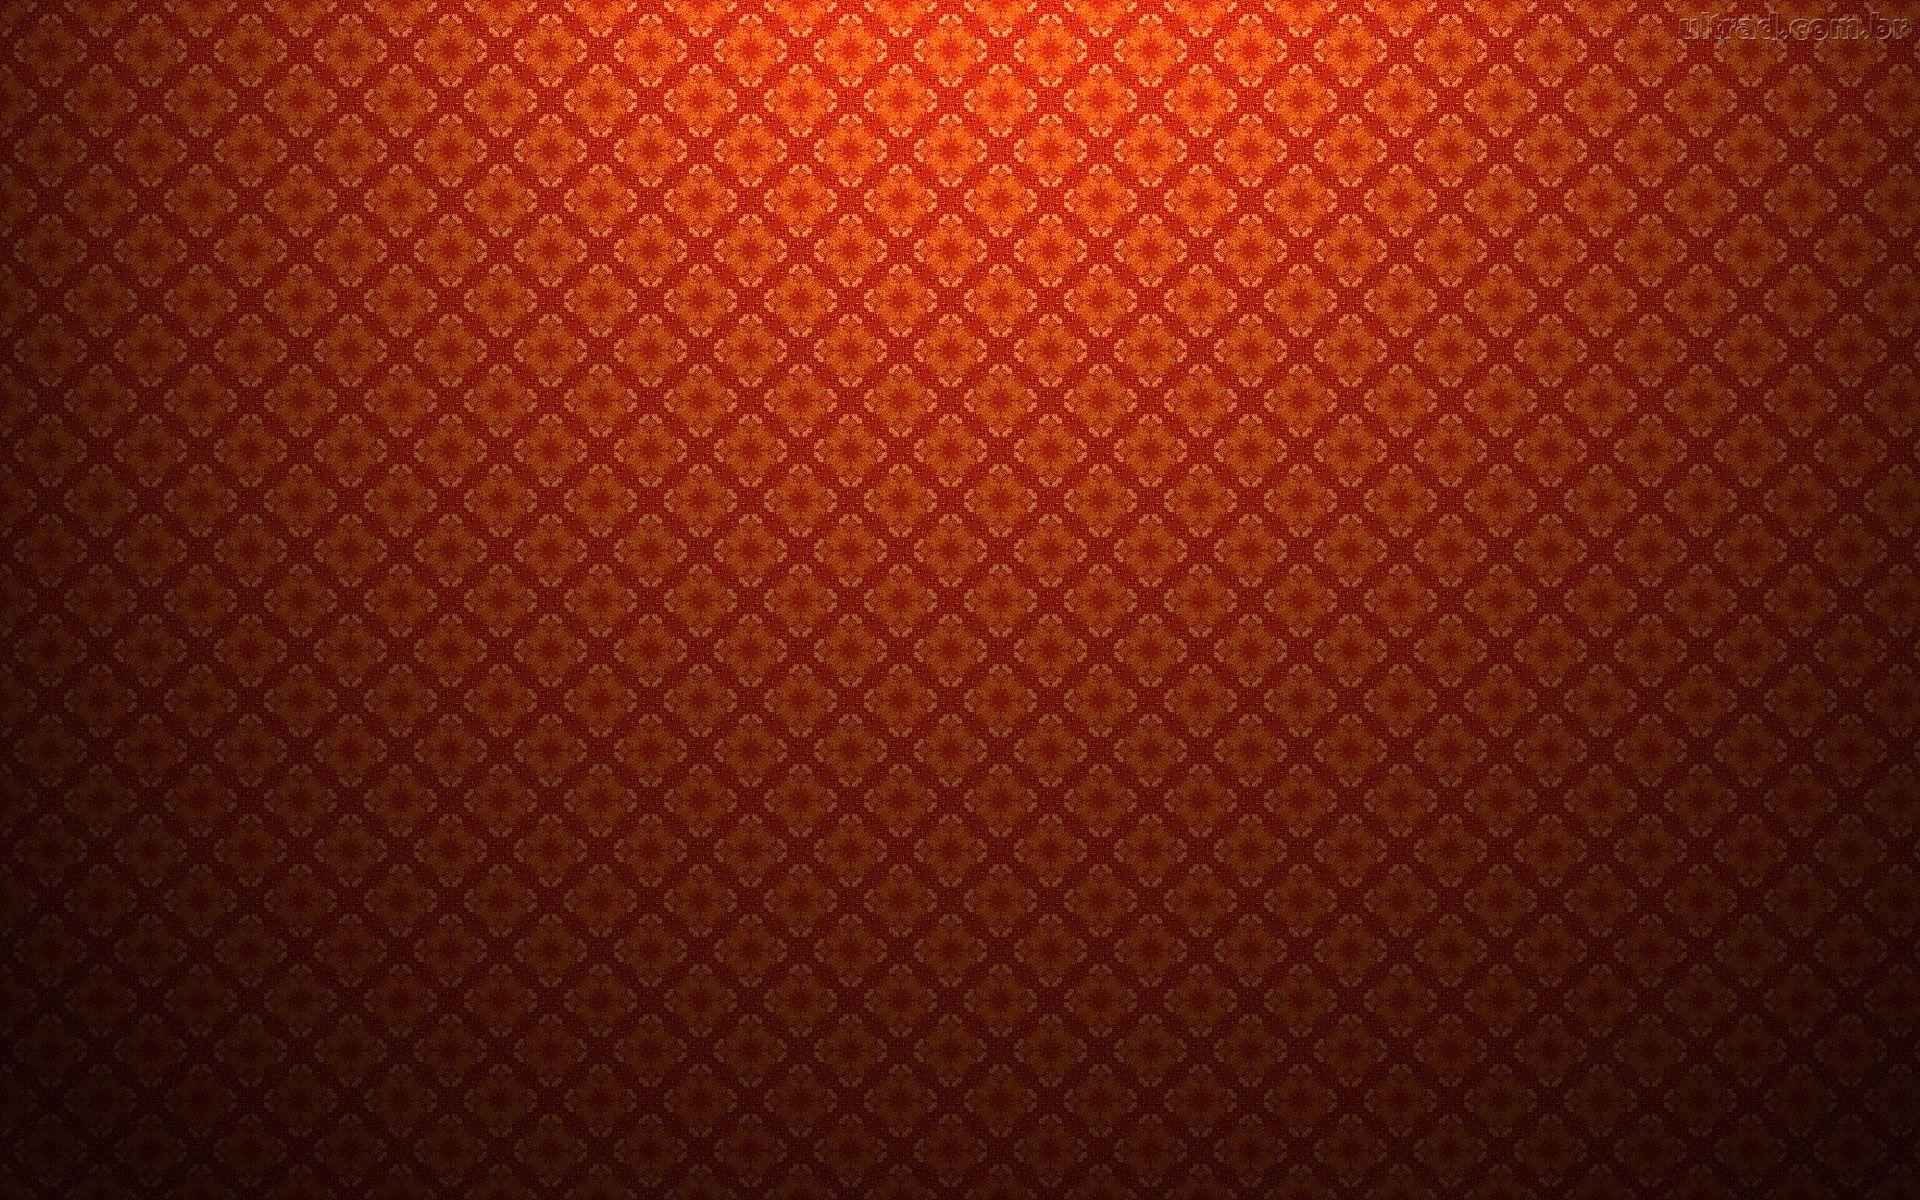 56264 papel de parede vermelho decorativo - Papel de pared decorativo ...